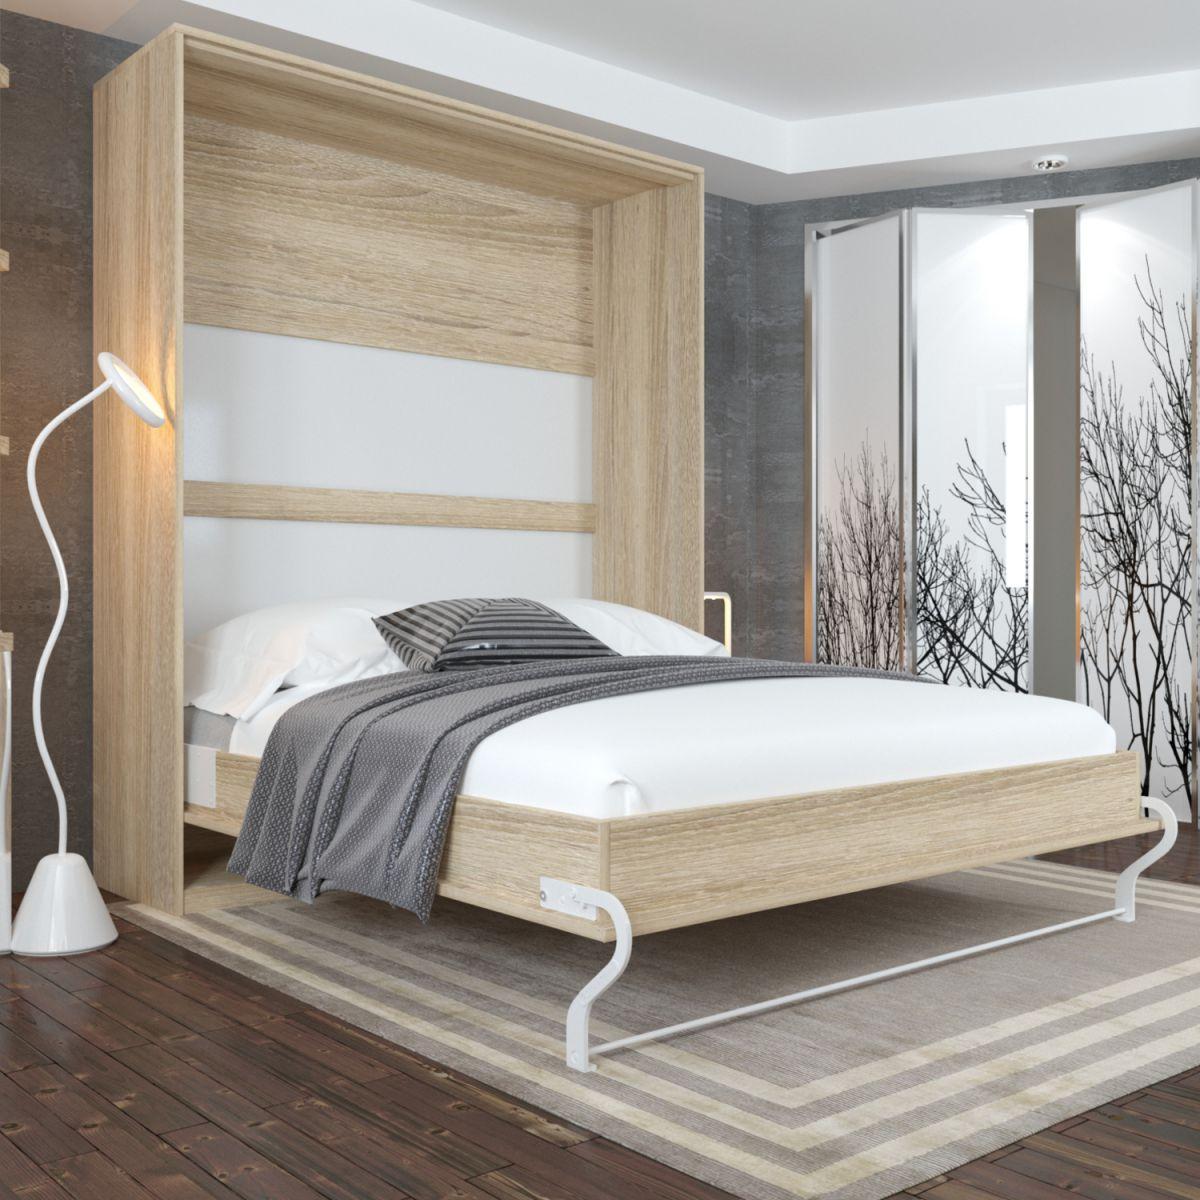 schrankbett 160x200 eiche sonoma smartbett mit gasdruckfeder 1900 n f r matratze ebay. Black Bedroom Furniture Sets. Home Design Ideas